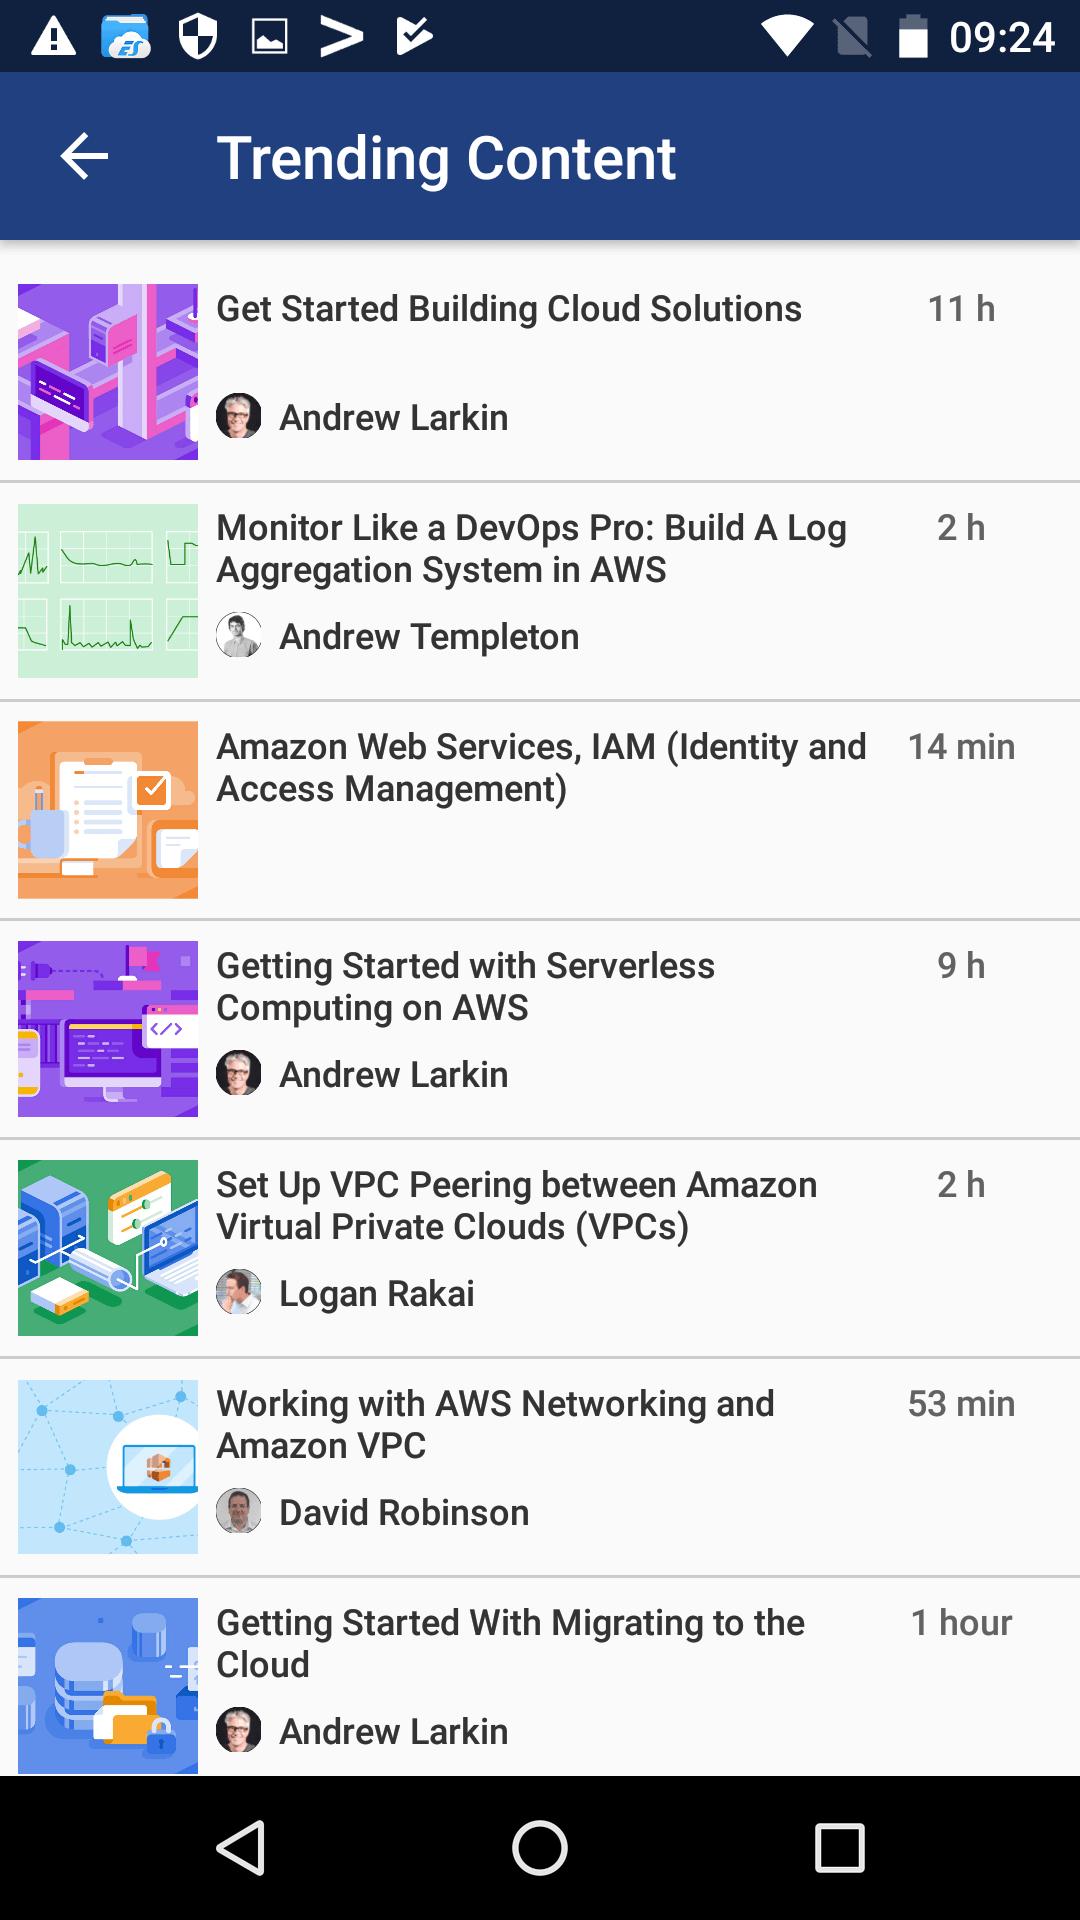 Cloud Academy Trending Content